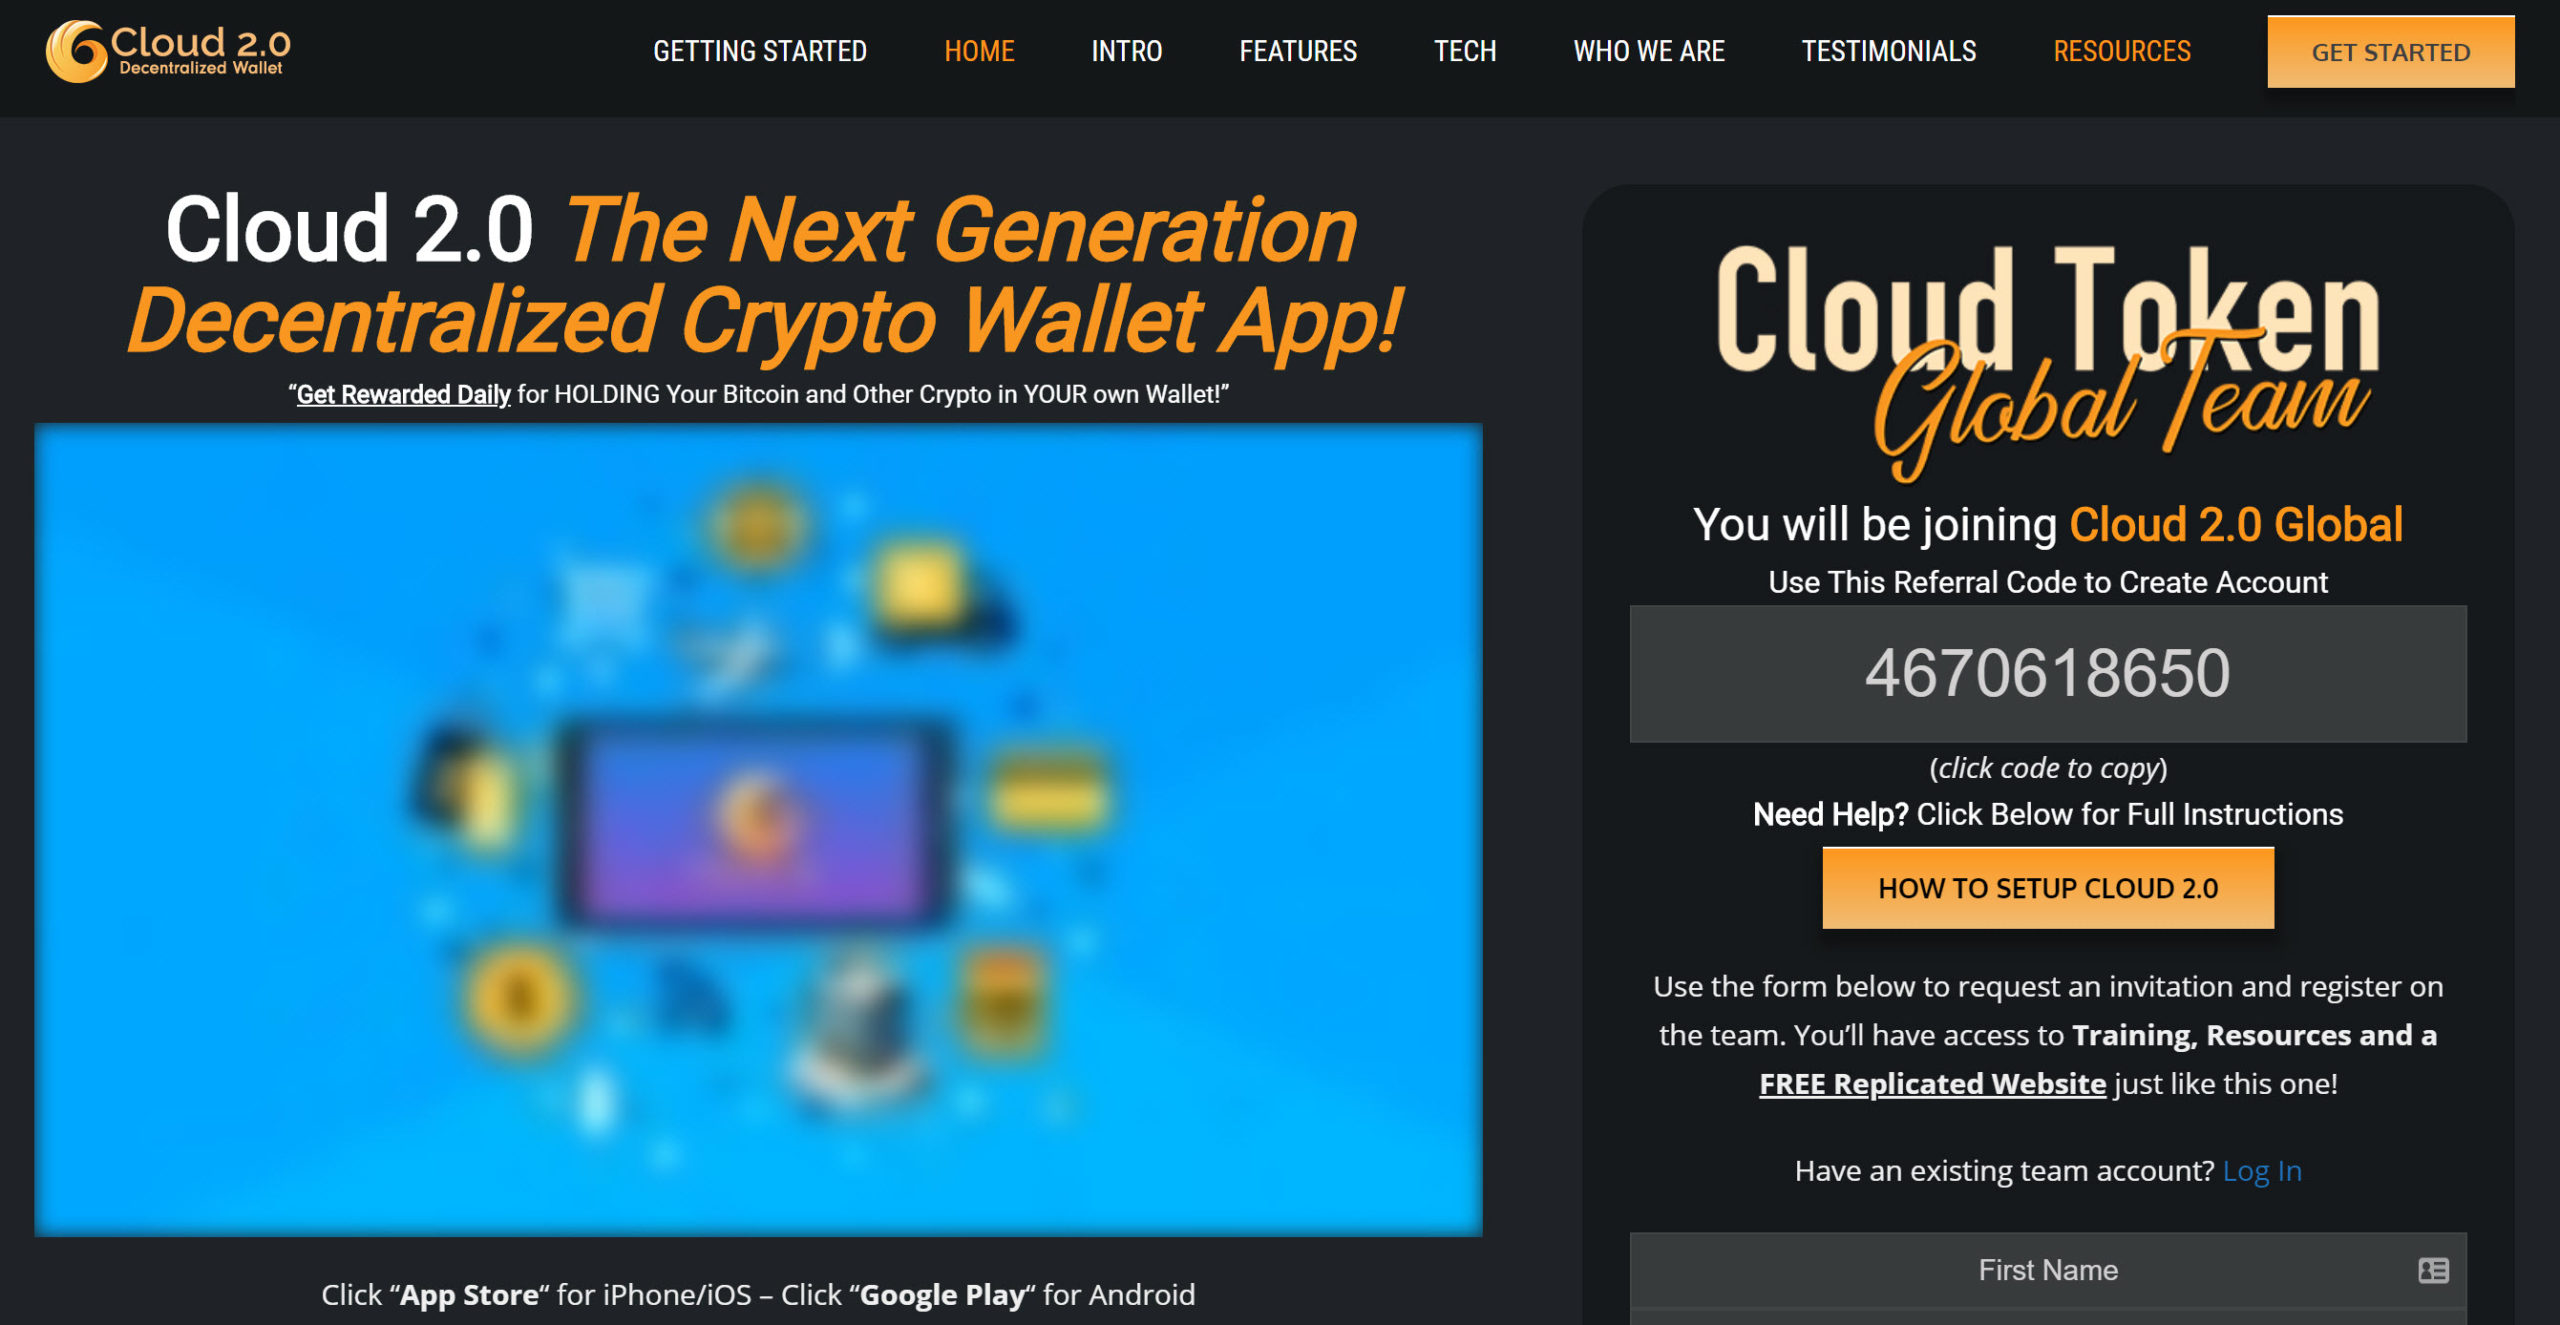 Cloud Token Wallet